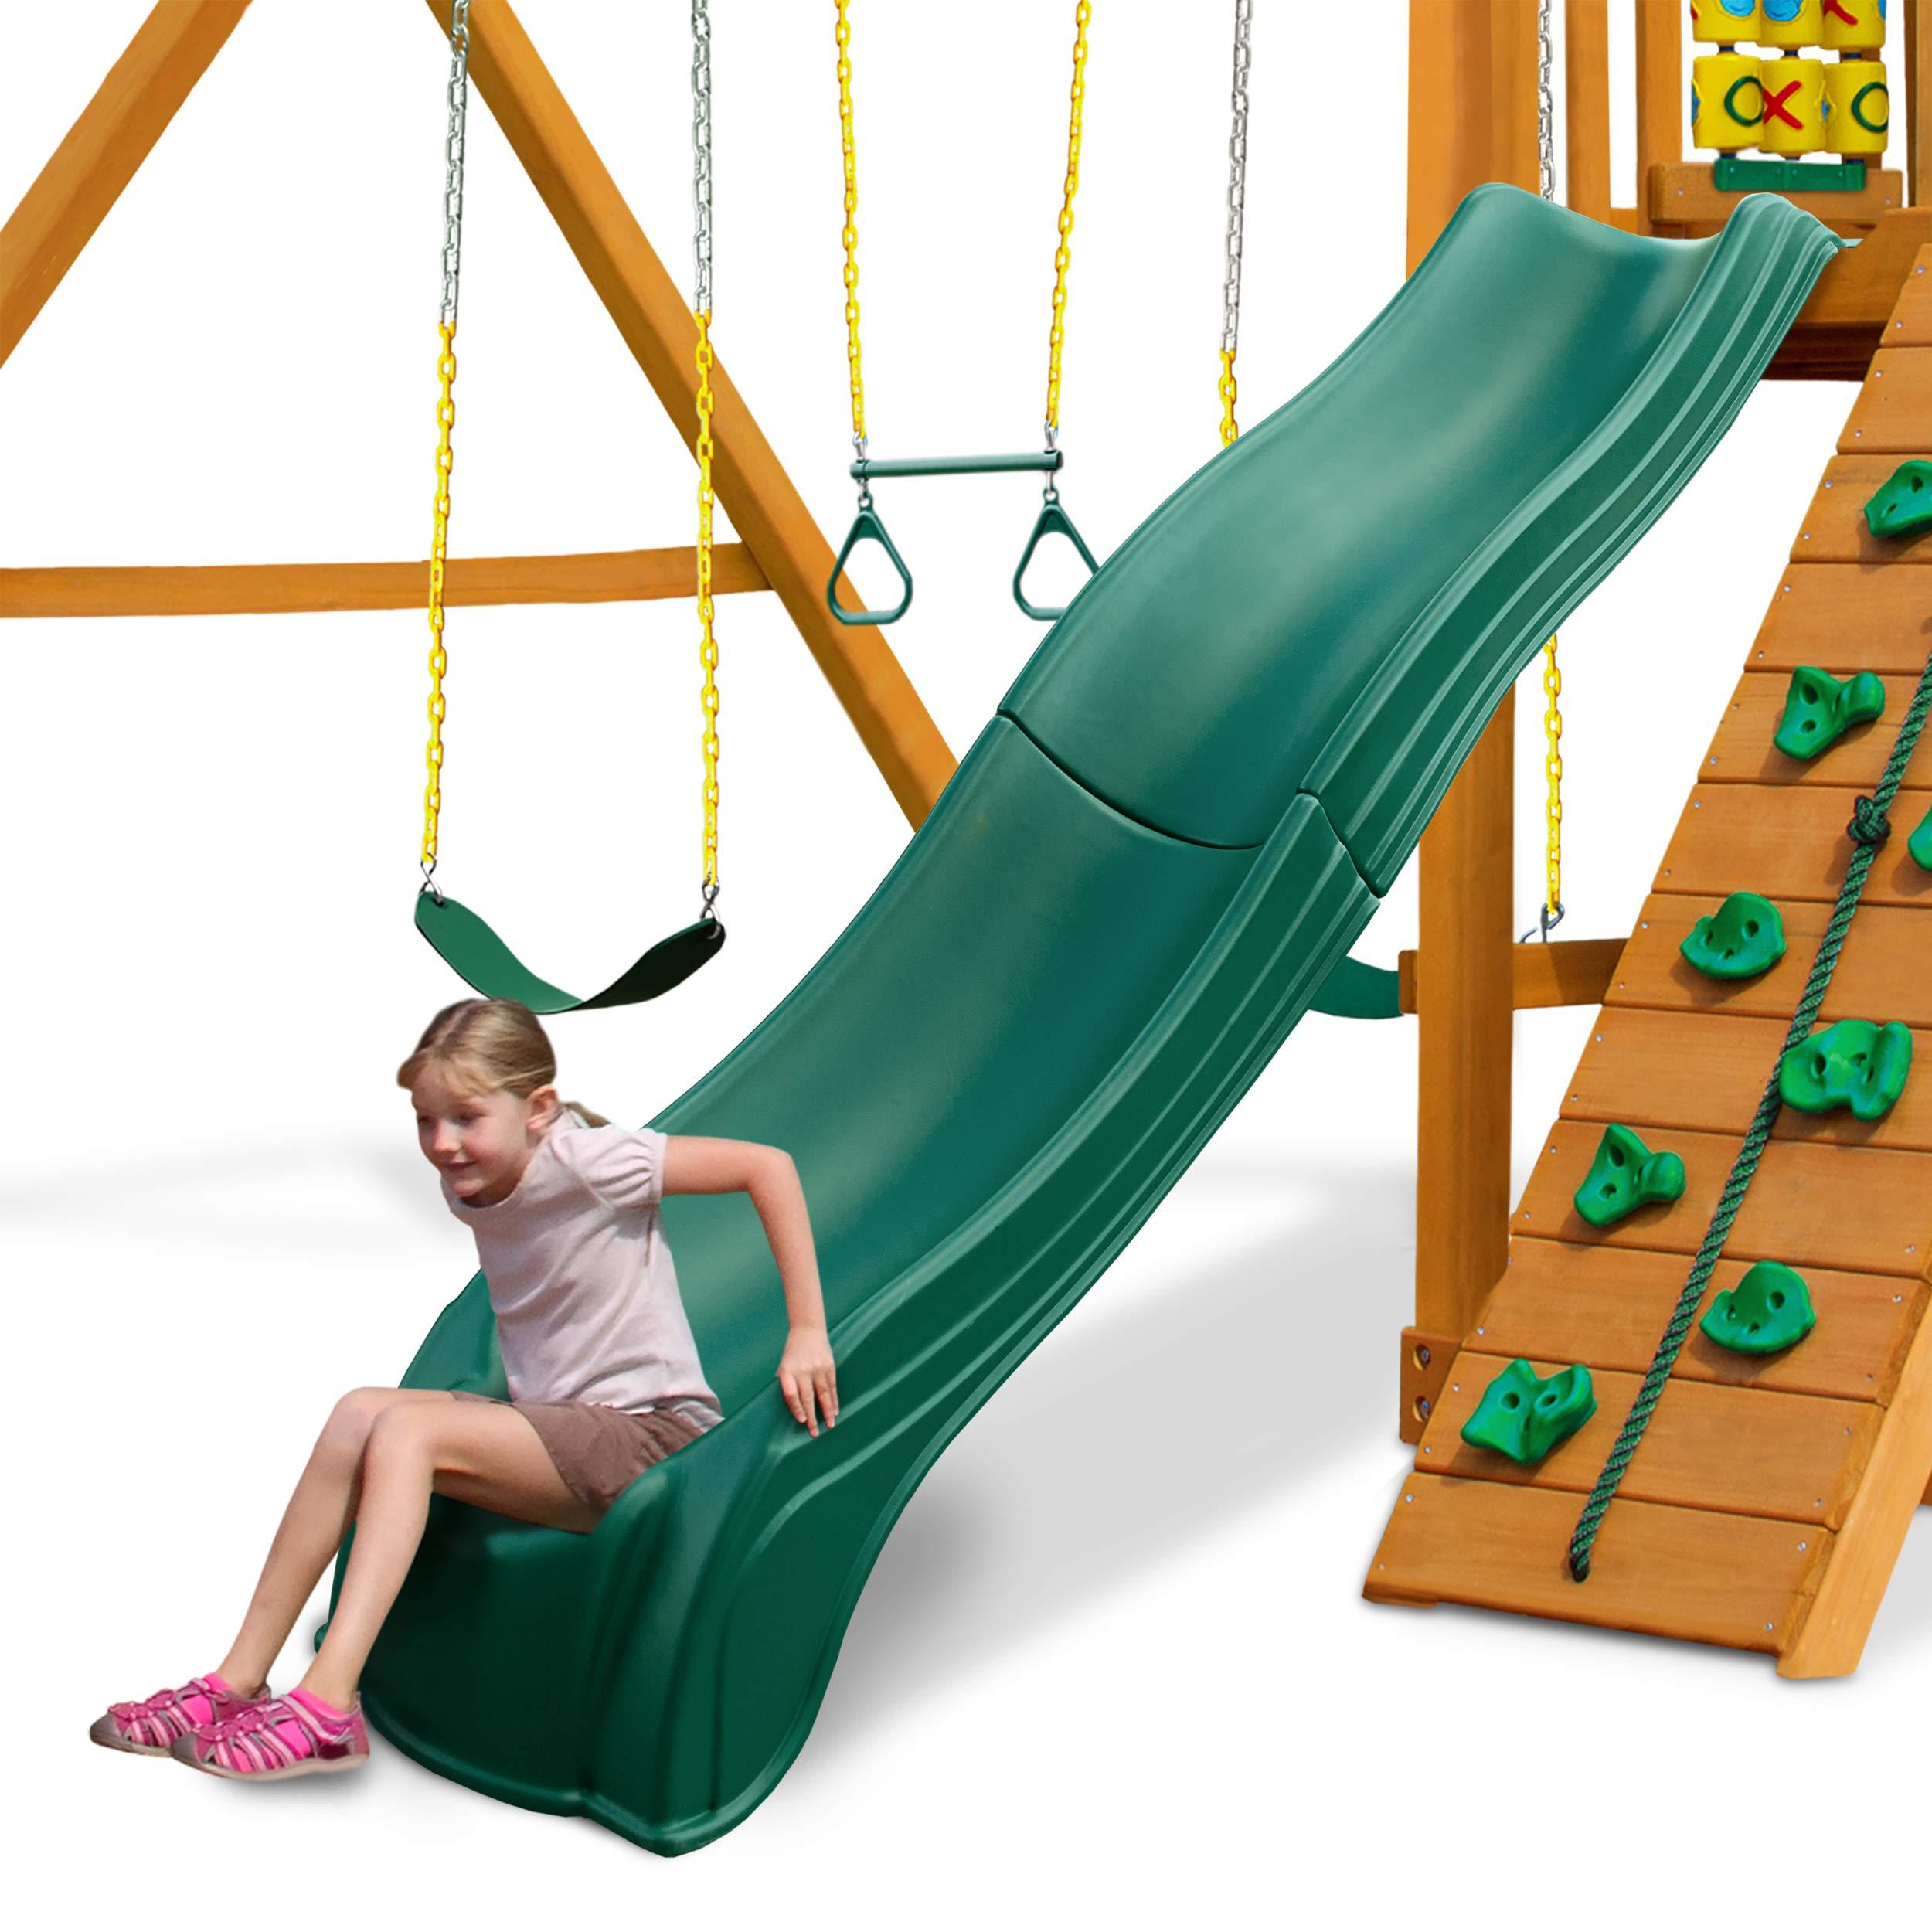 Swing-N-Slide WS 5033 Olympus Wave Slide Plastic Slide for 5' Decks, Green by Swing-N-Slide